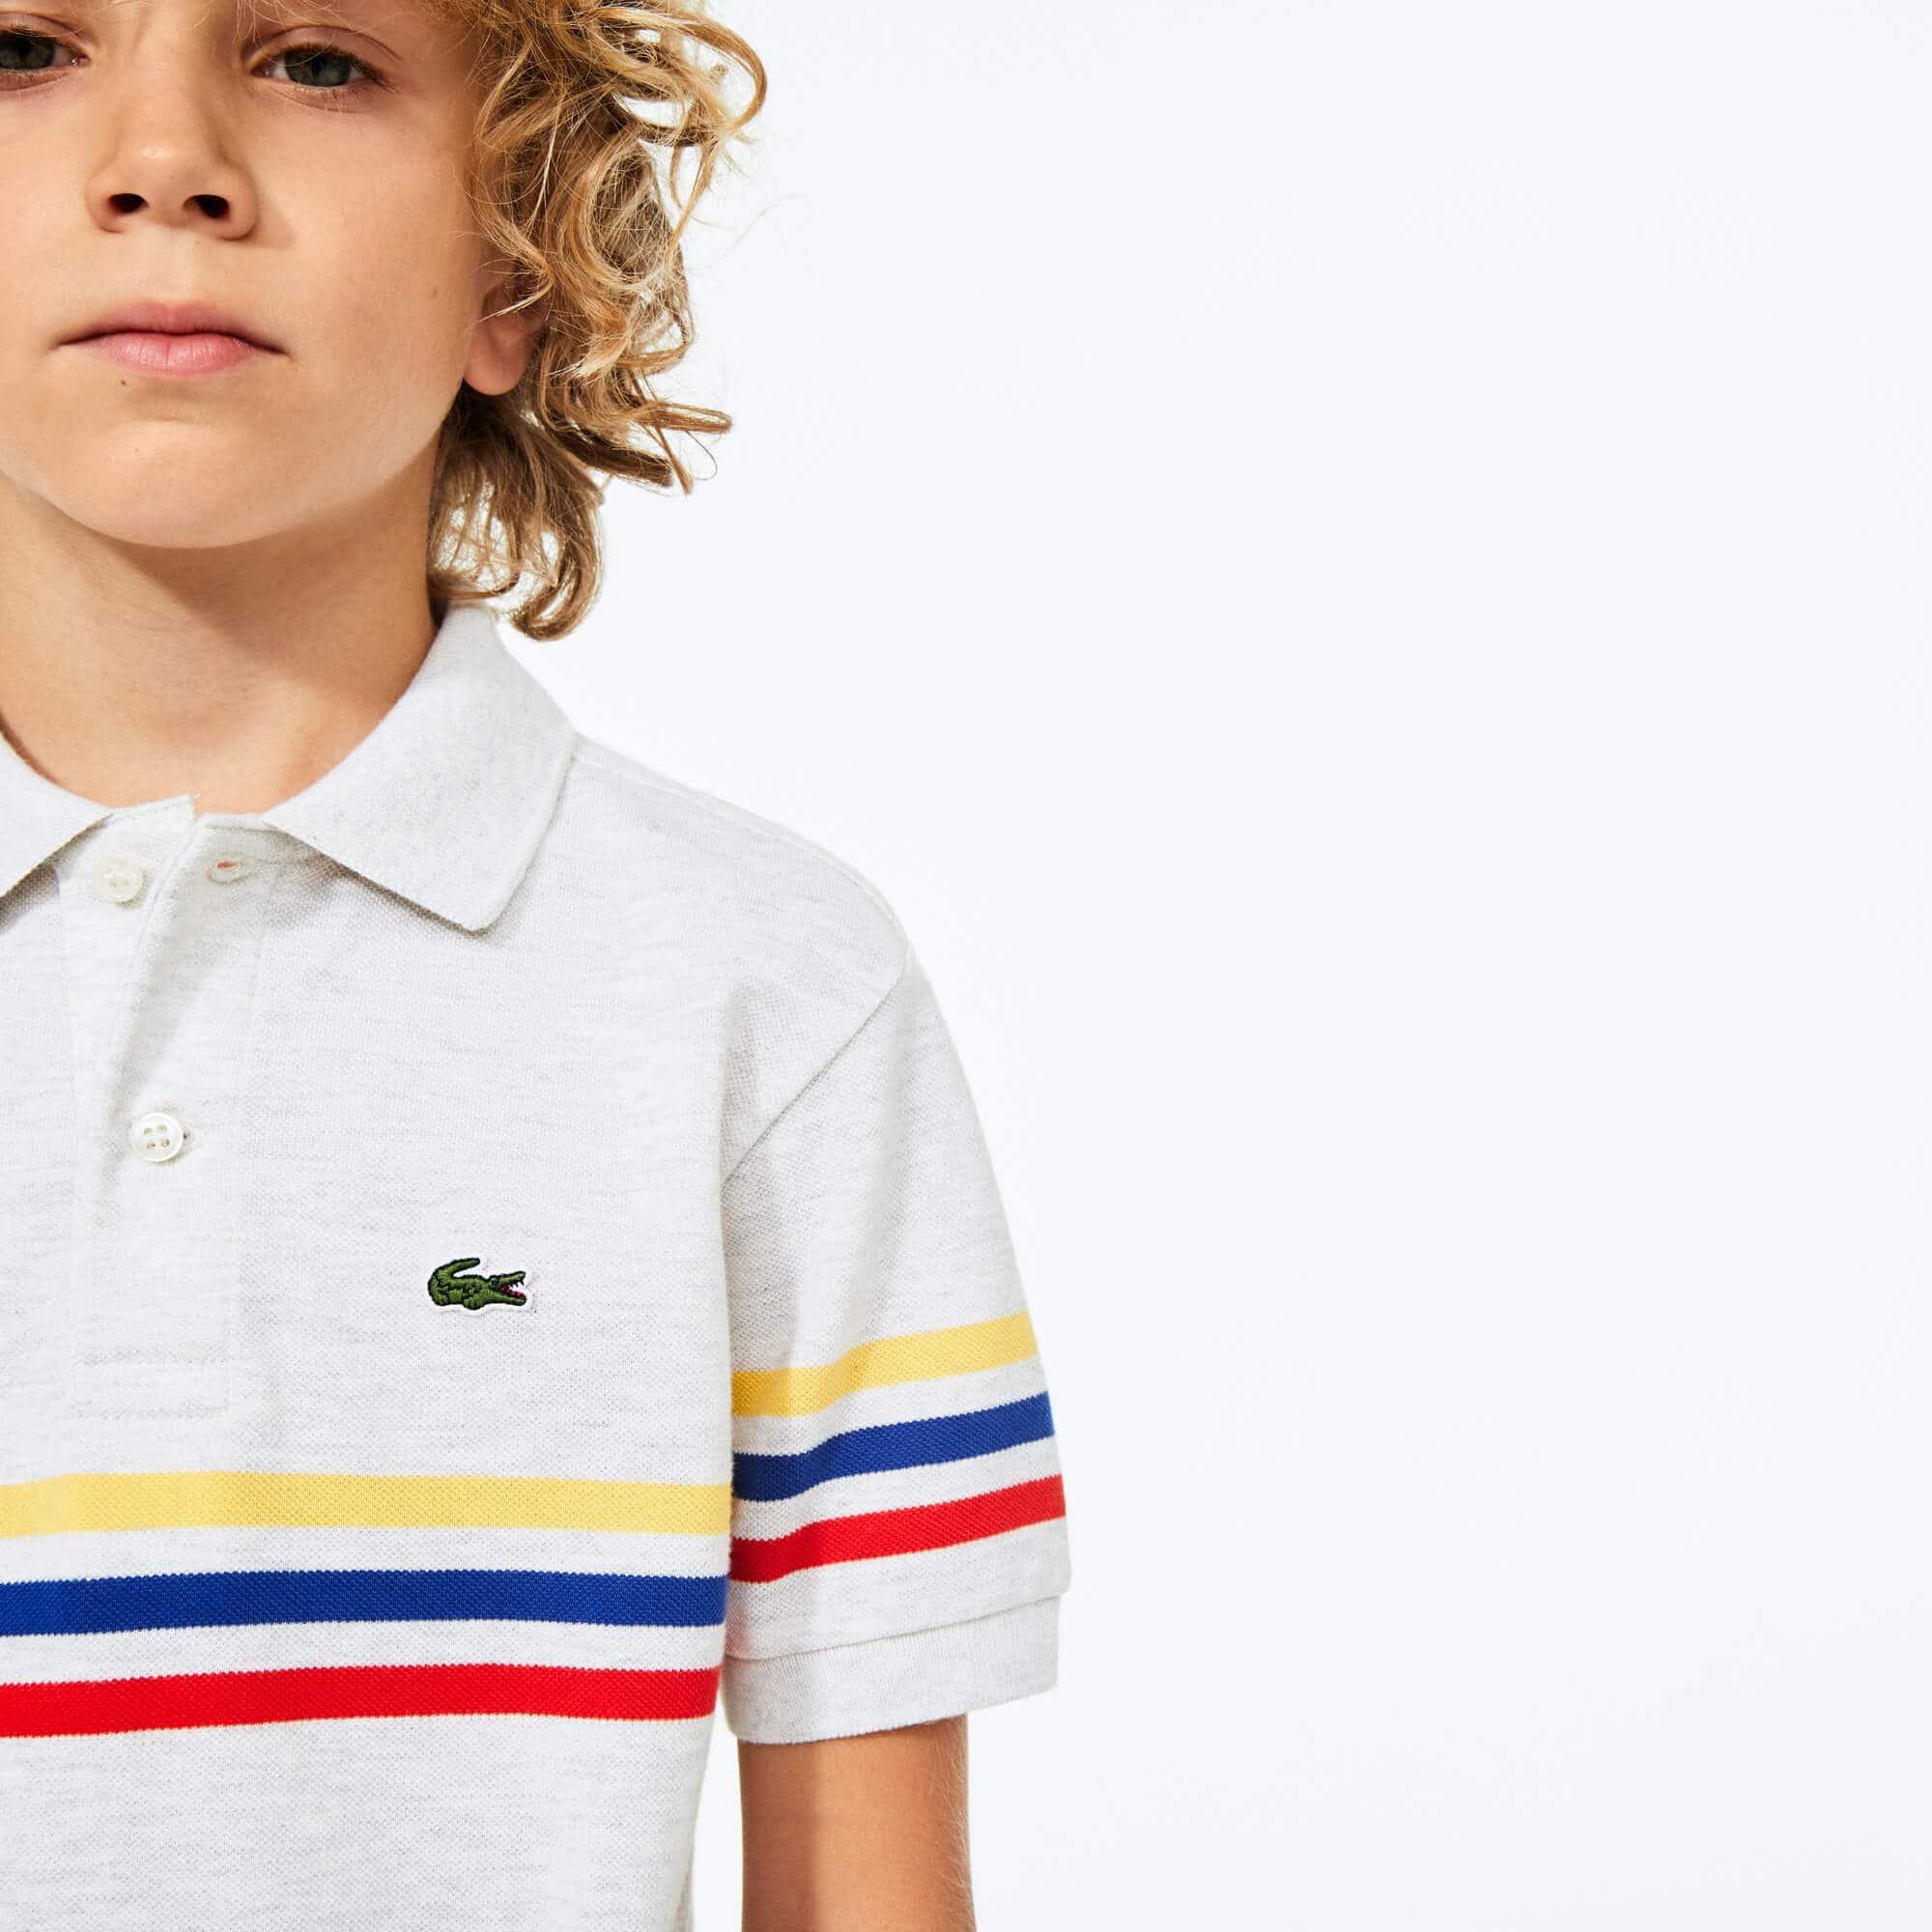 라코스테 보이즈 피케 폴로 Lacoste Boys' Tricolor Striped Cotton Petit Pique Polo,Grey Chine / Red / Blue / Yellow • X7K